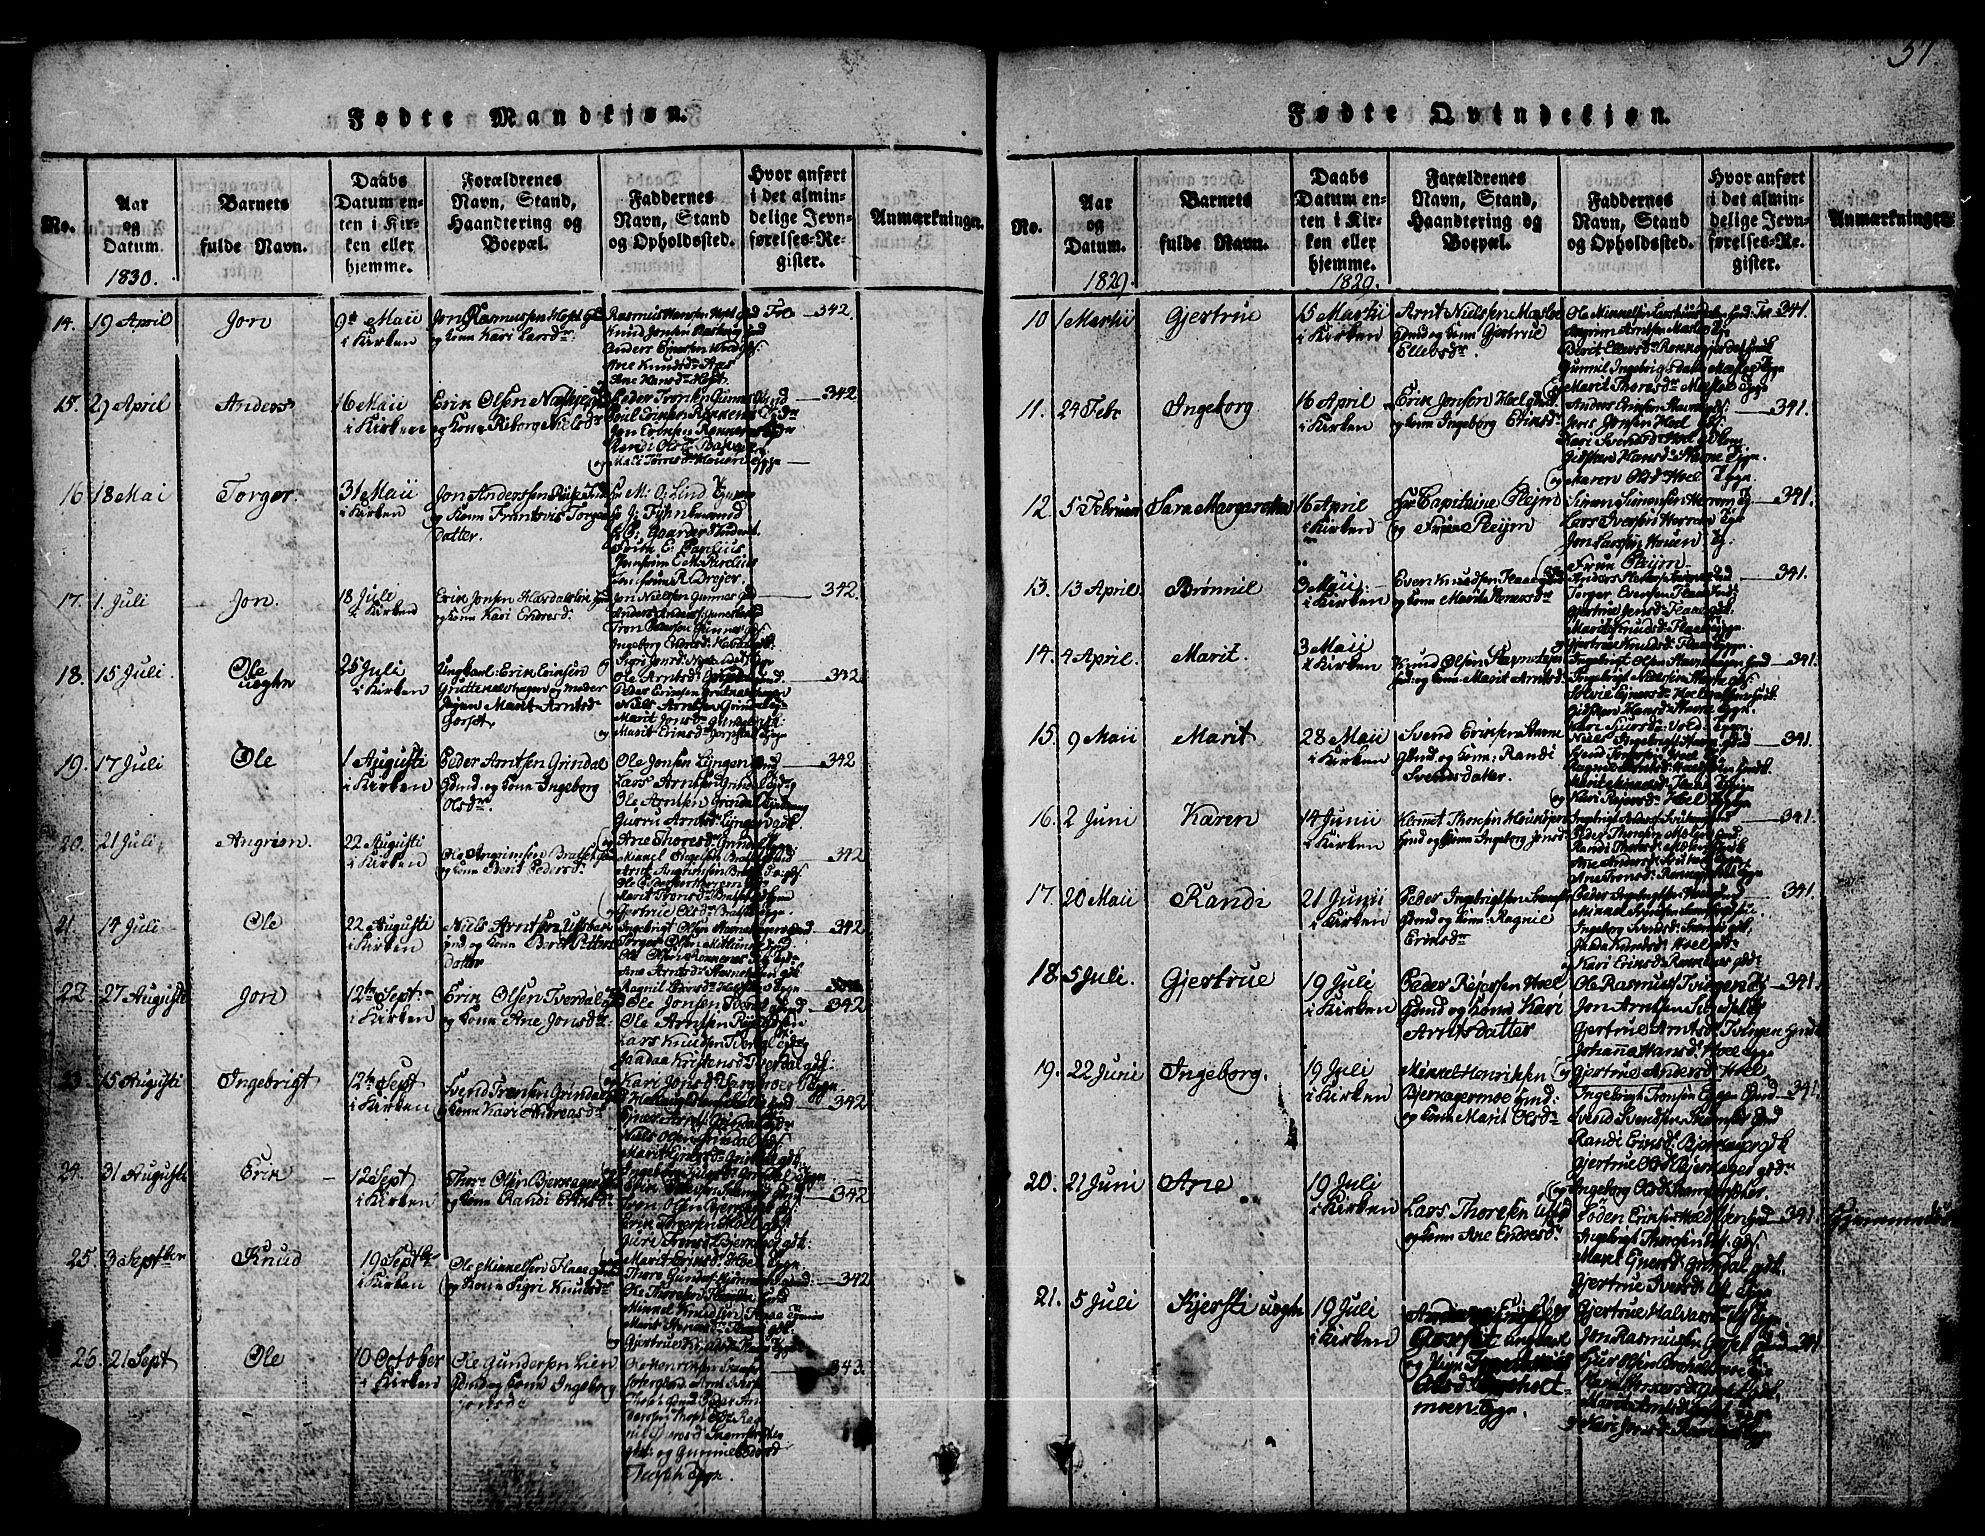 SAT, Ministerialprotokoller, klokkerbøker og fødselsregistre - Sør-Trøndelag, 674/L0874: Klokkerbok nr. 674C01, 1816-1860, s. 37